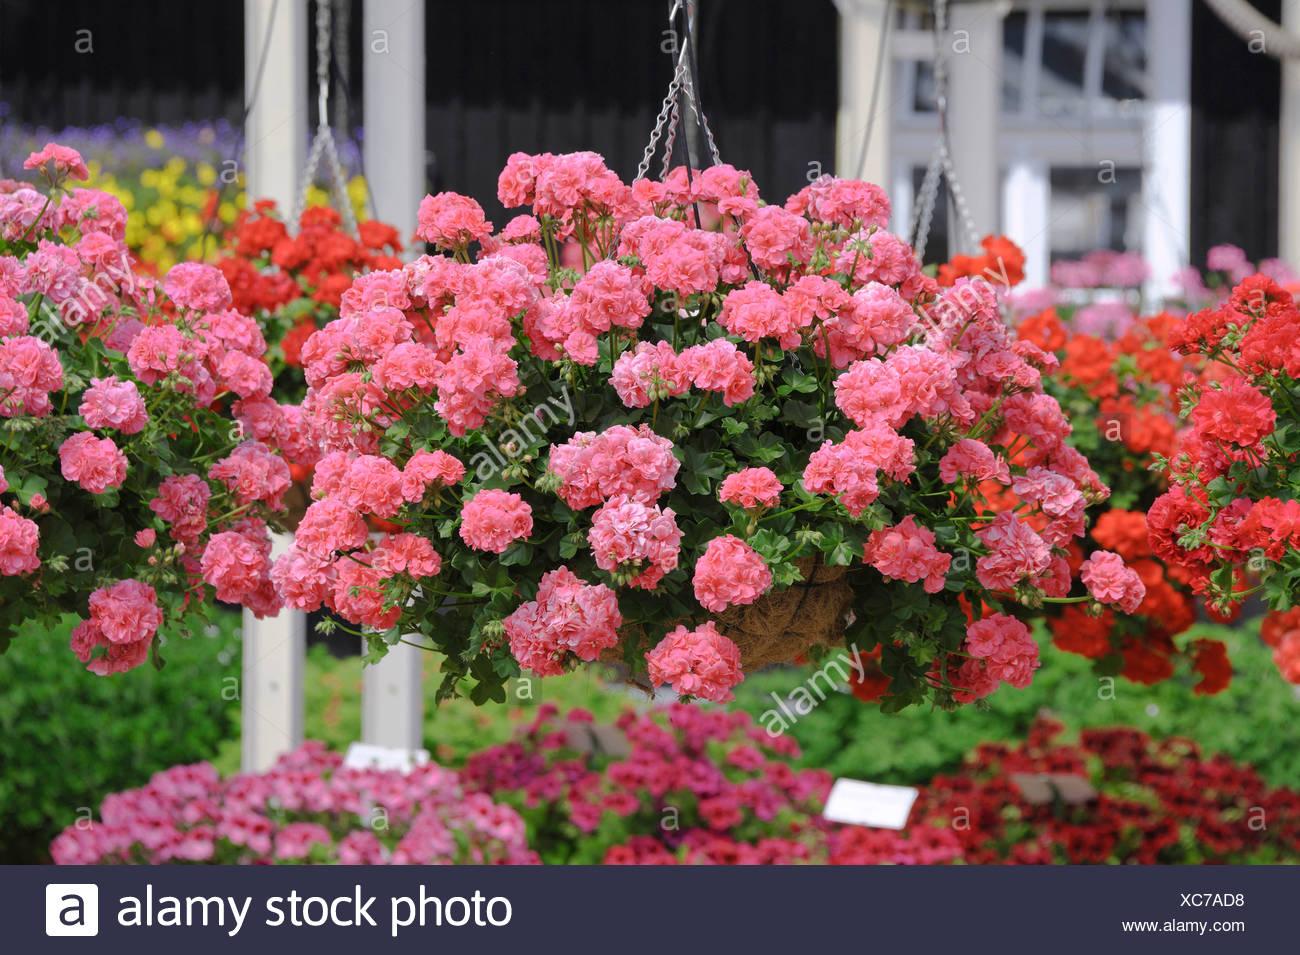 Pelargonium (Pelargonium peltatum 'Vicky', Pelargonium peltatum Vicky), cultivar Vicky - Stock Image